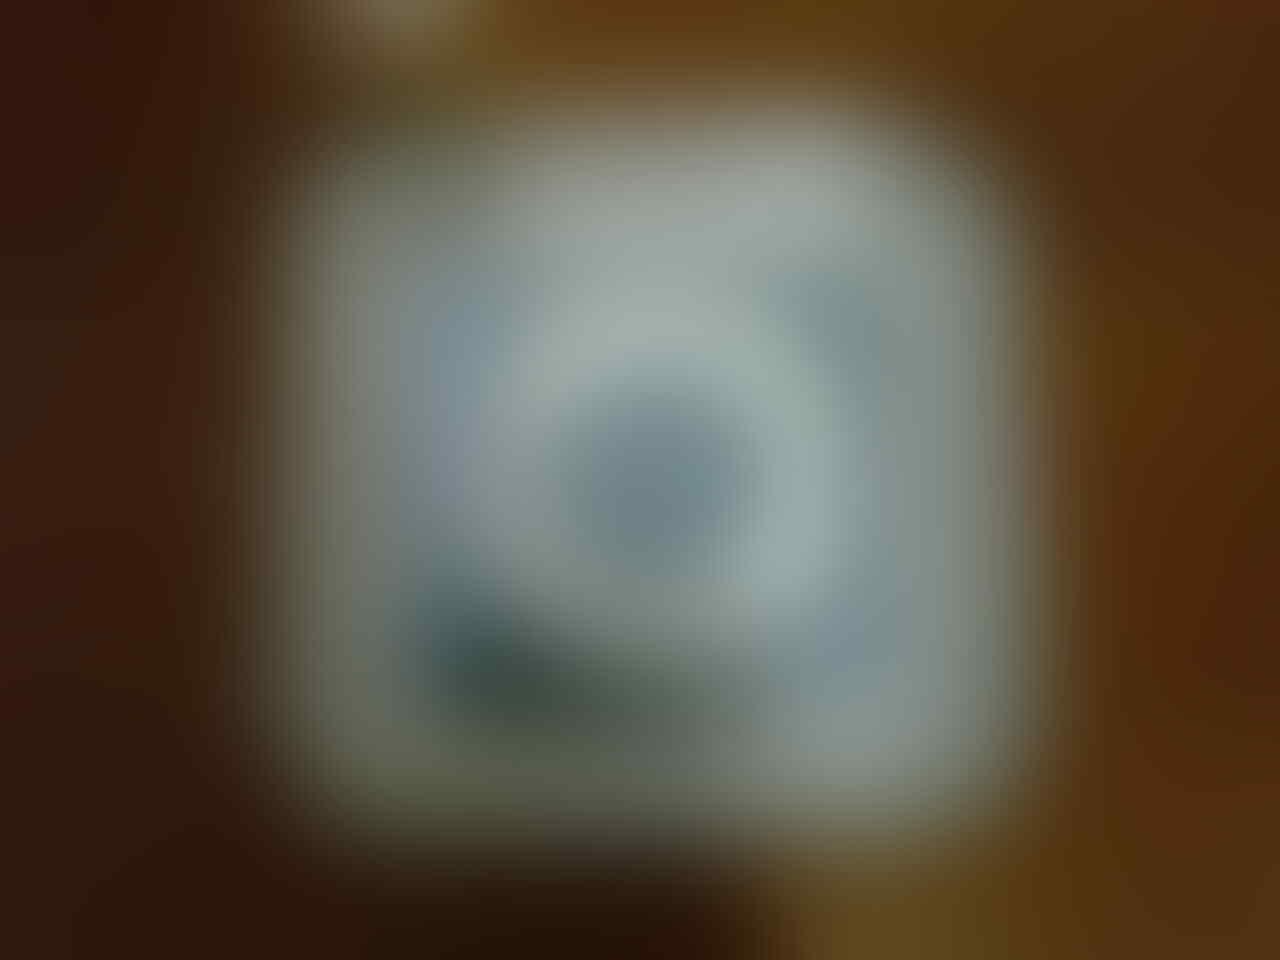 BNIB IPOD SHUFFLE 2GB